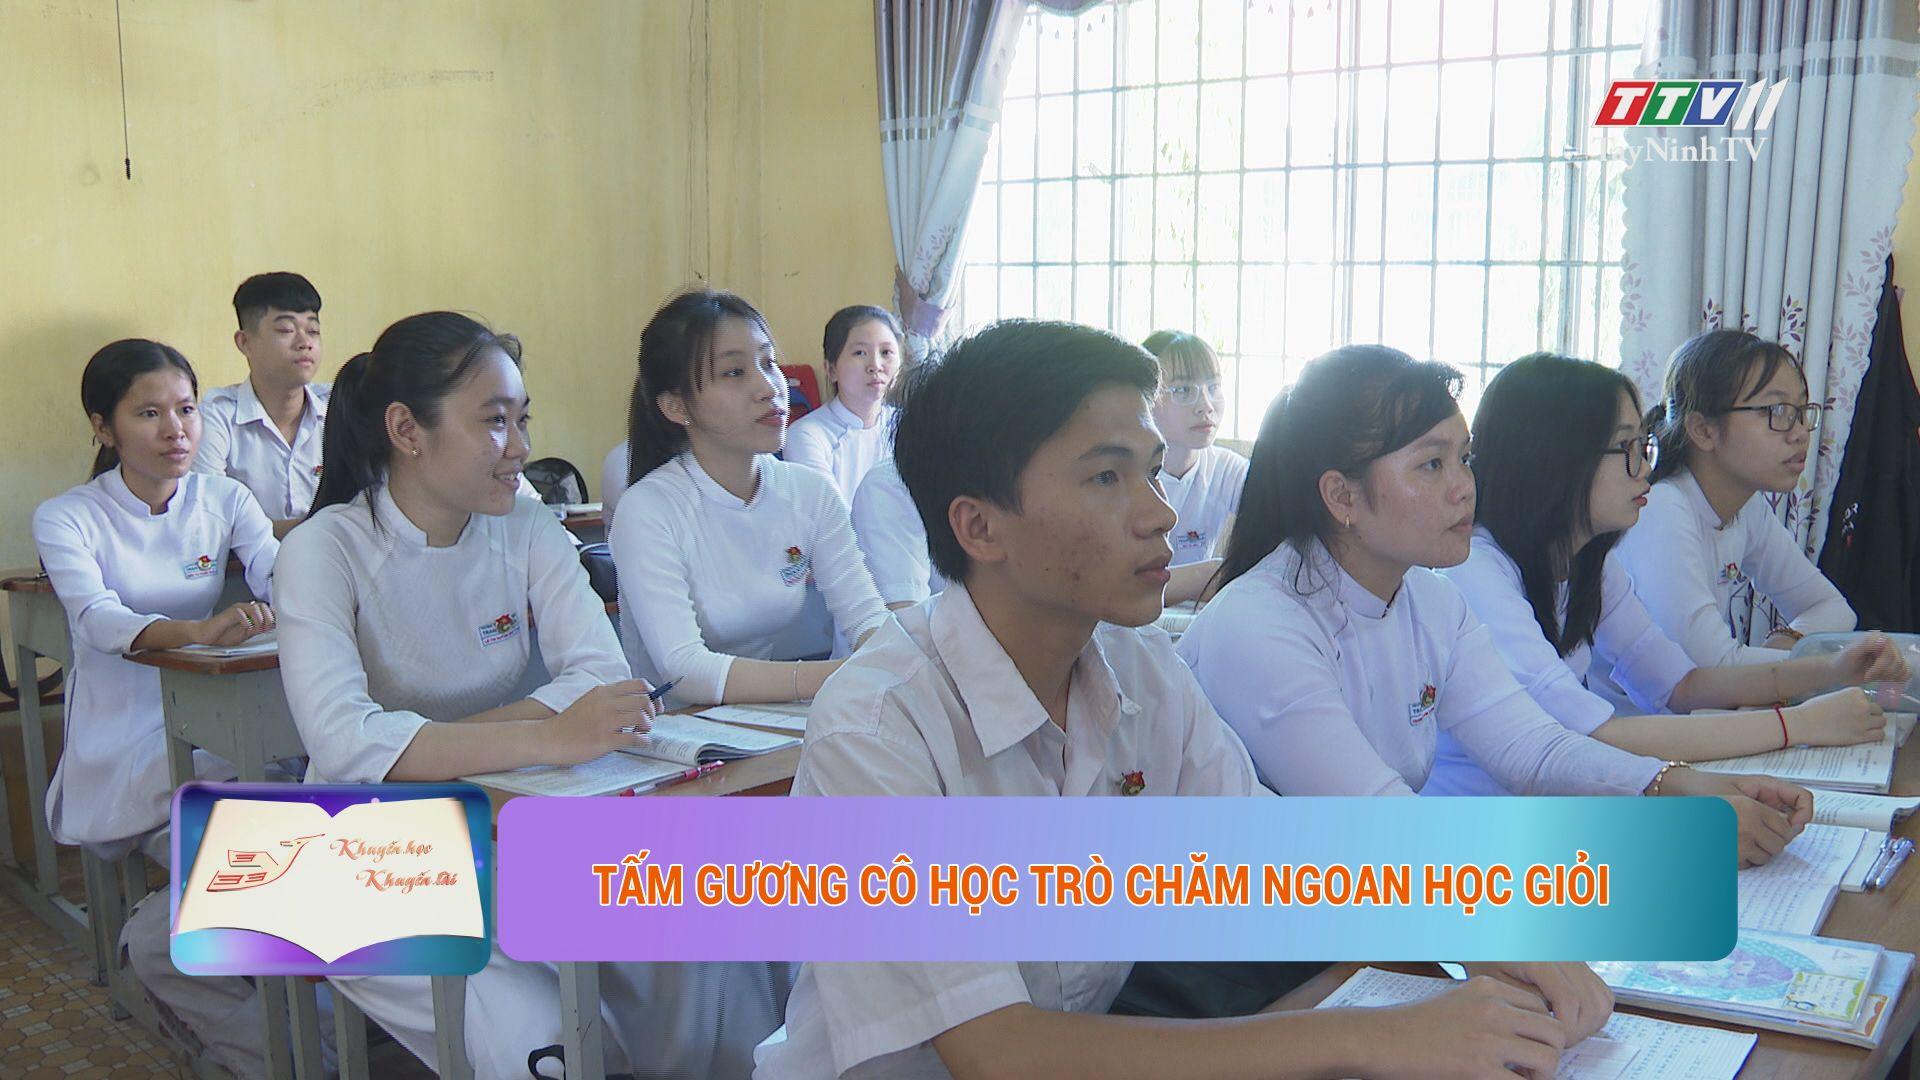 Tấm gương cô học trò chăm ngoan học giỏi | KHUYẾN HỌC KHUYẾN TÀI | TayNinhTV